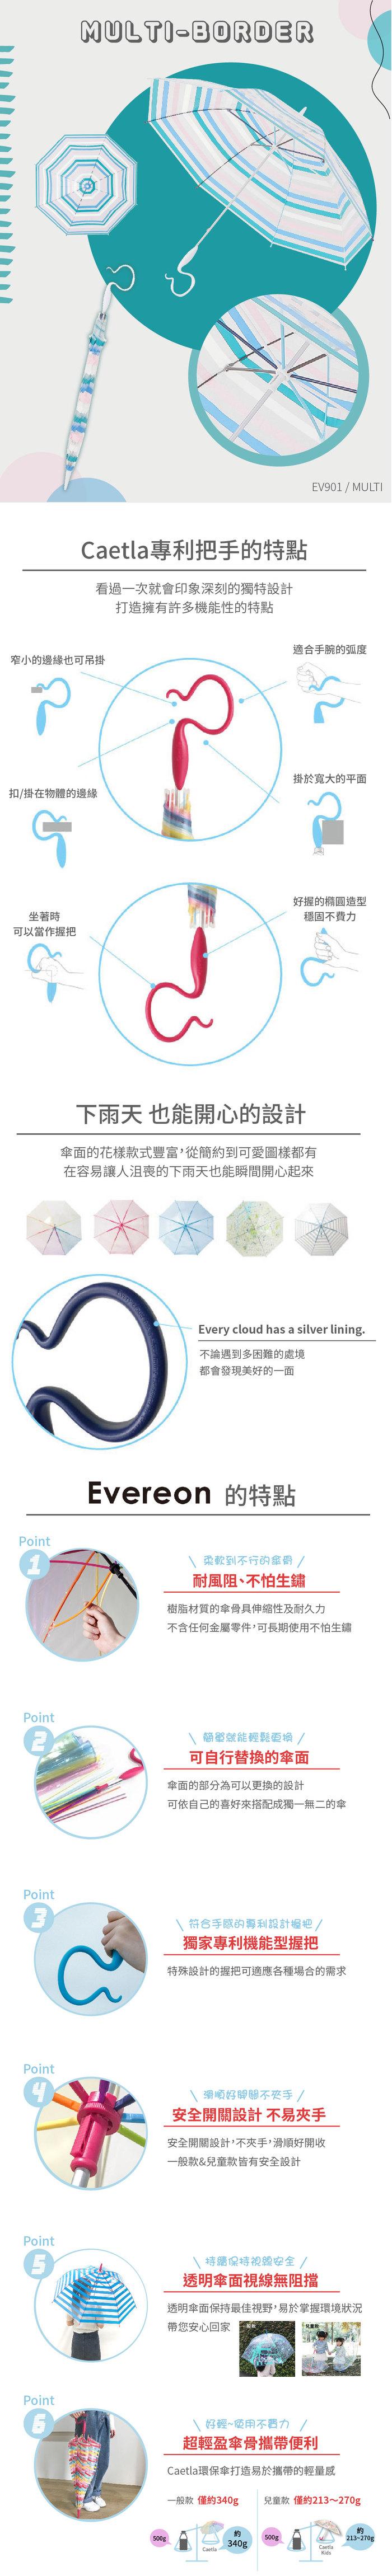 (複製)Caetla Evereon|可替換式環保輕量傘-F10-109 / Sky